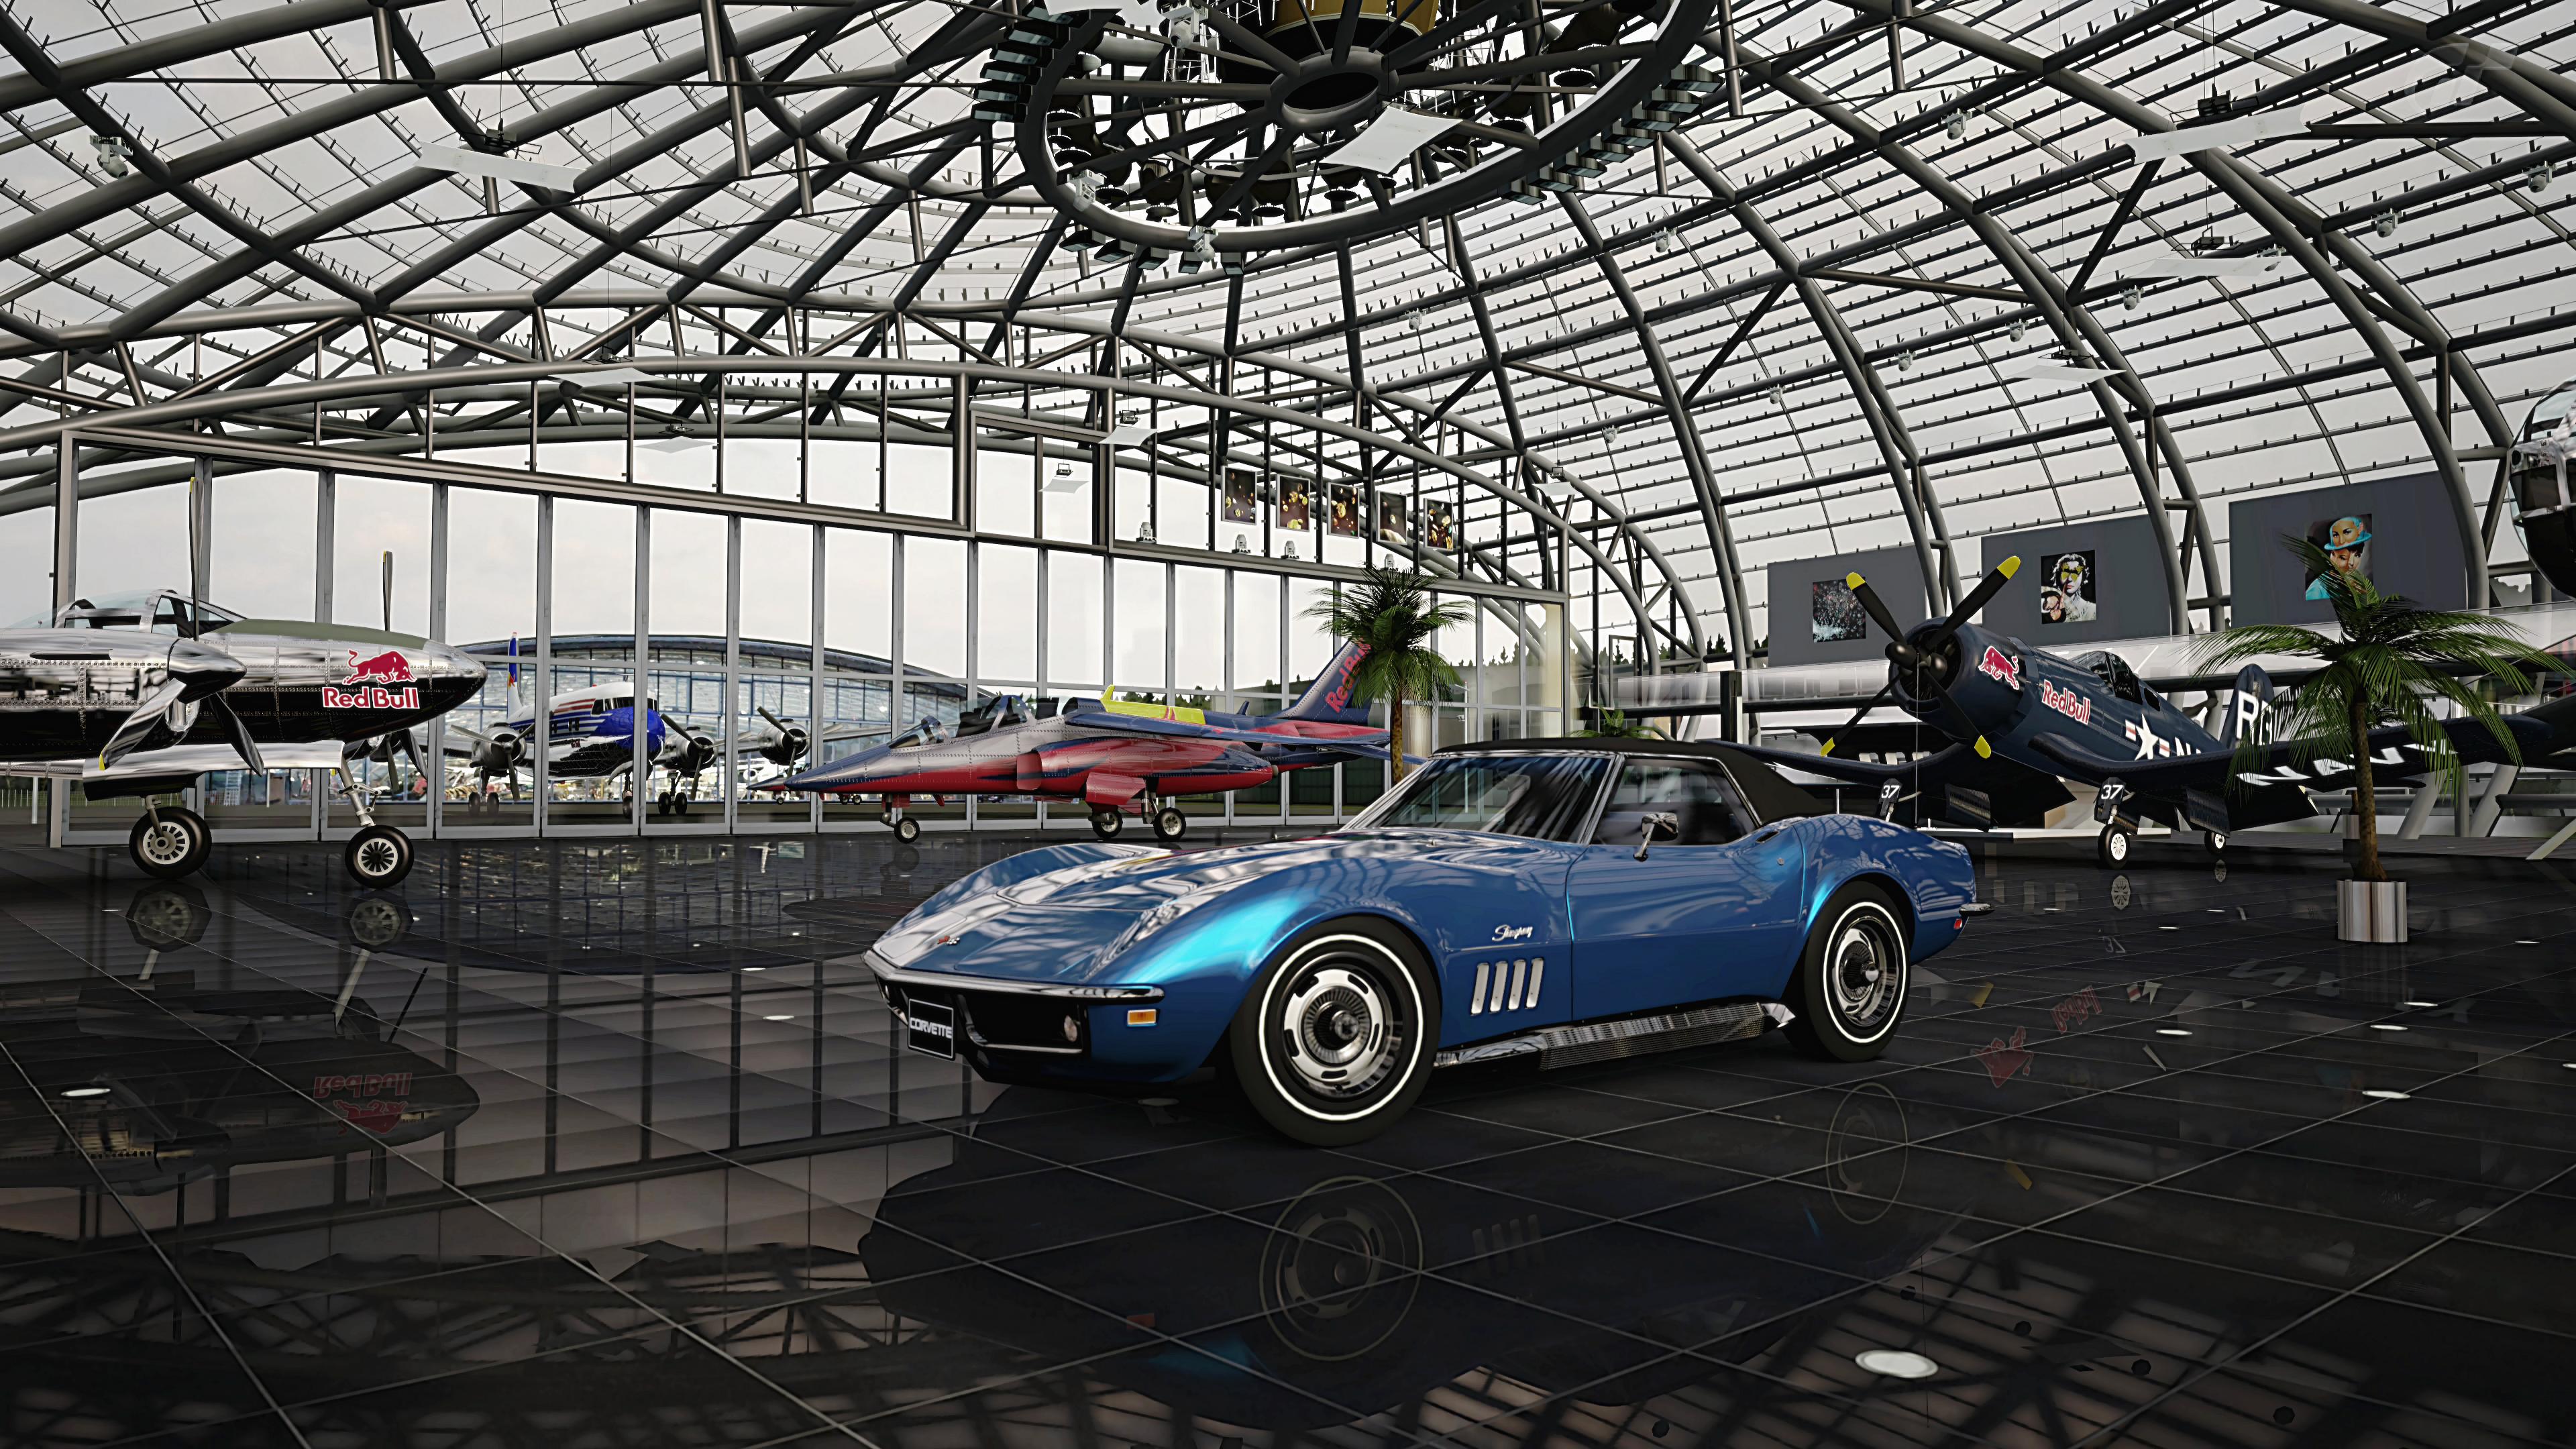 Corvette by StrayShadows